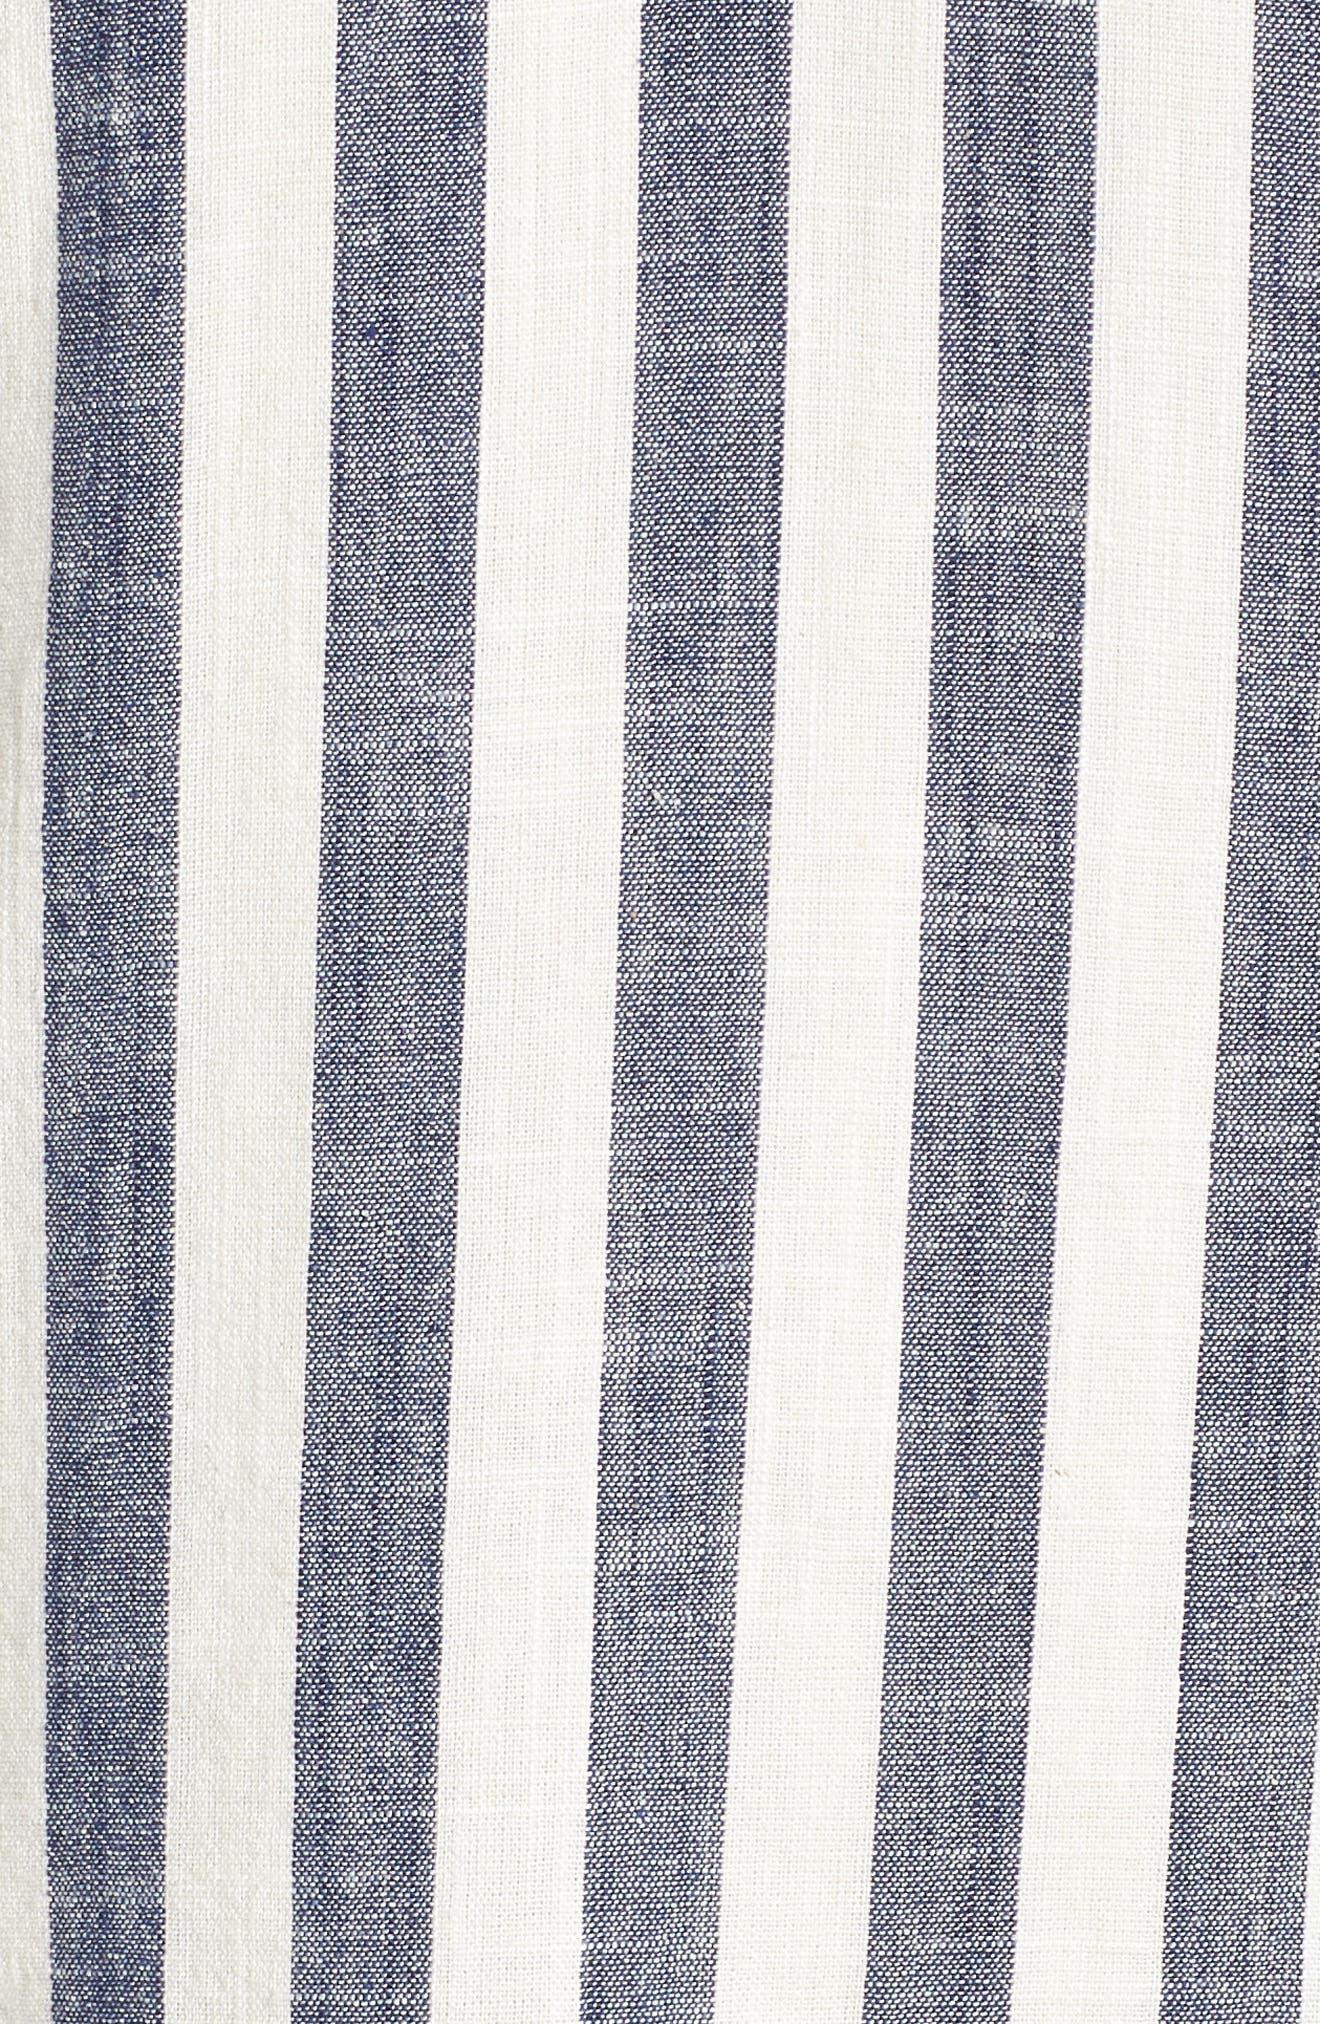 Ruffle Sleeve Shift Dress,                             Alternate thumbnail 6, color,